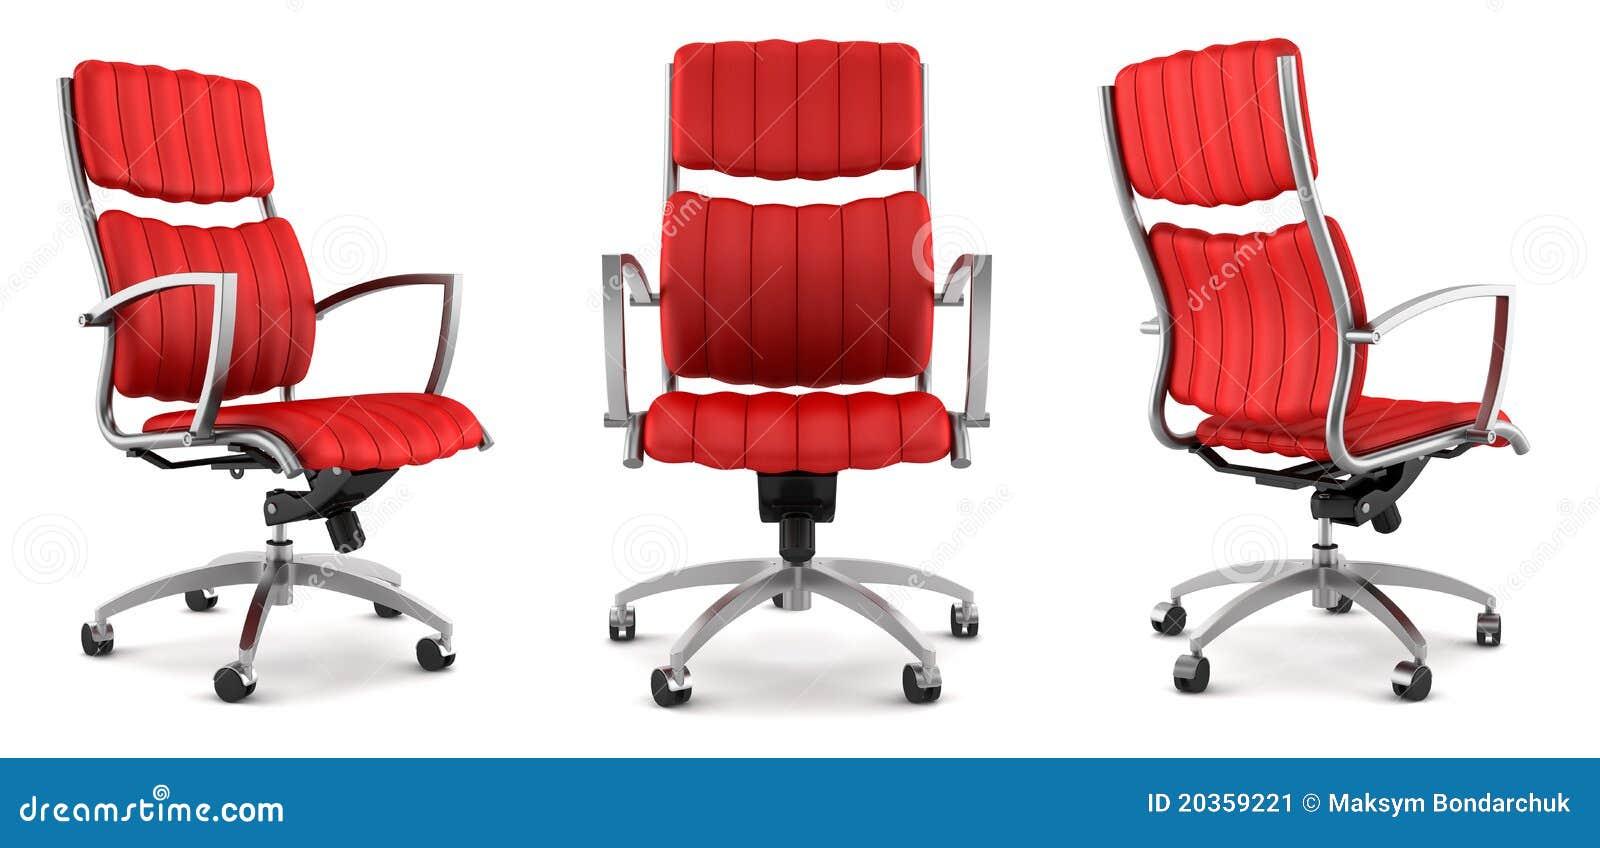 Moderner roter Bürostuhl getrennt auf Weiß